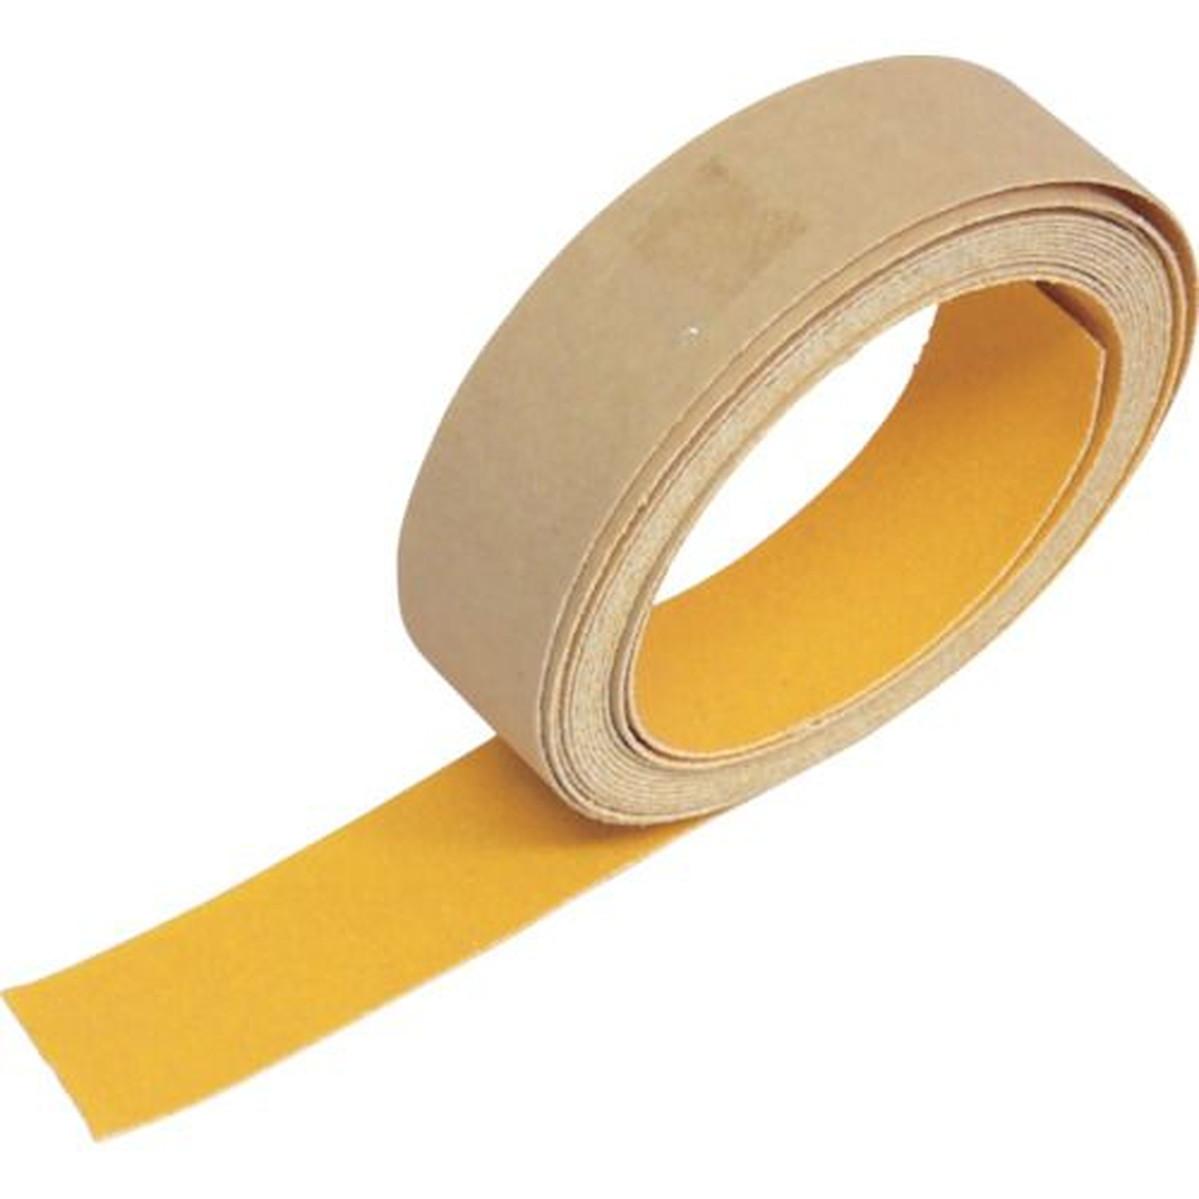 供え あす楽対応 DIY用品 TRUSCO 新作からSALEアイテム等お得な商品 満載 蛍光ノンスリップテープ 屋外用 1巻 オレンジ 25mmX3m